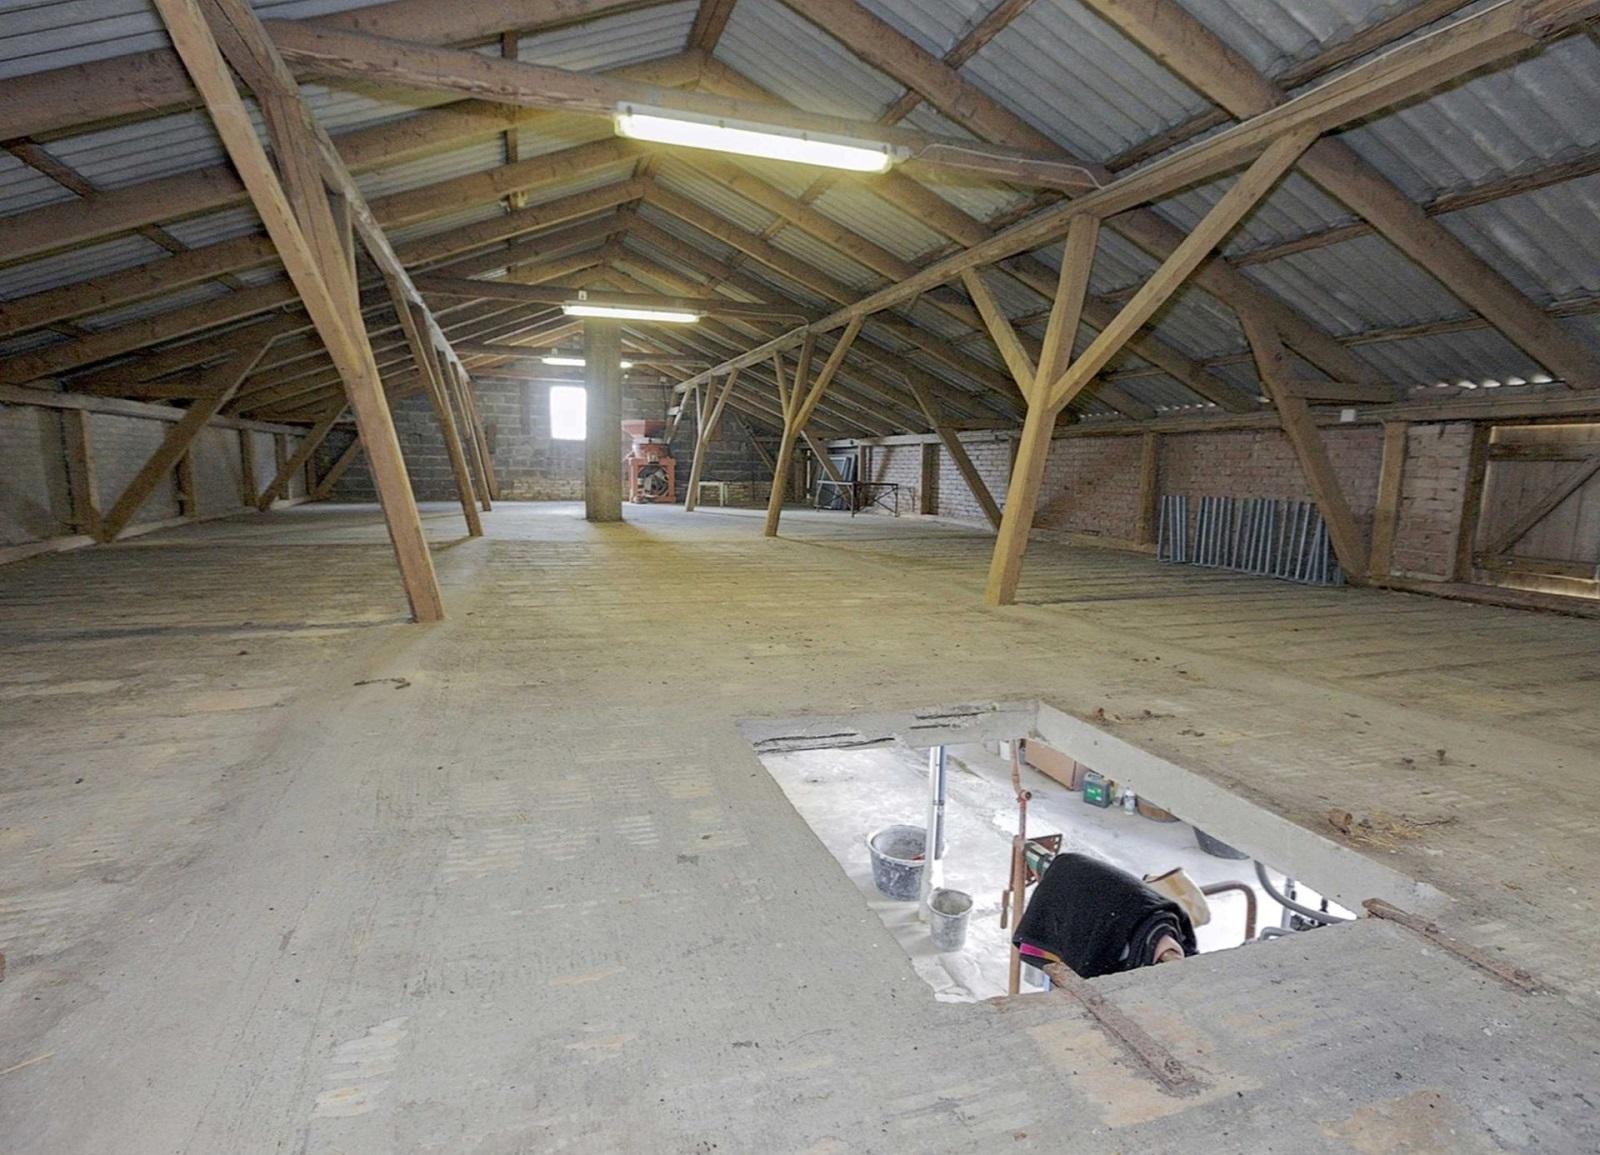 #6E624C Bedst Ombygning Af Staldtag / Etagedæk Lav Det Selv.dk Forum Gør Det Selv Isolering Af Etageadskillelse 5503 160011555503